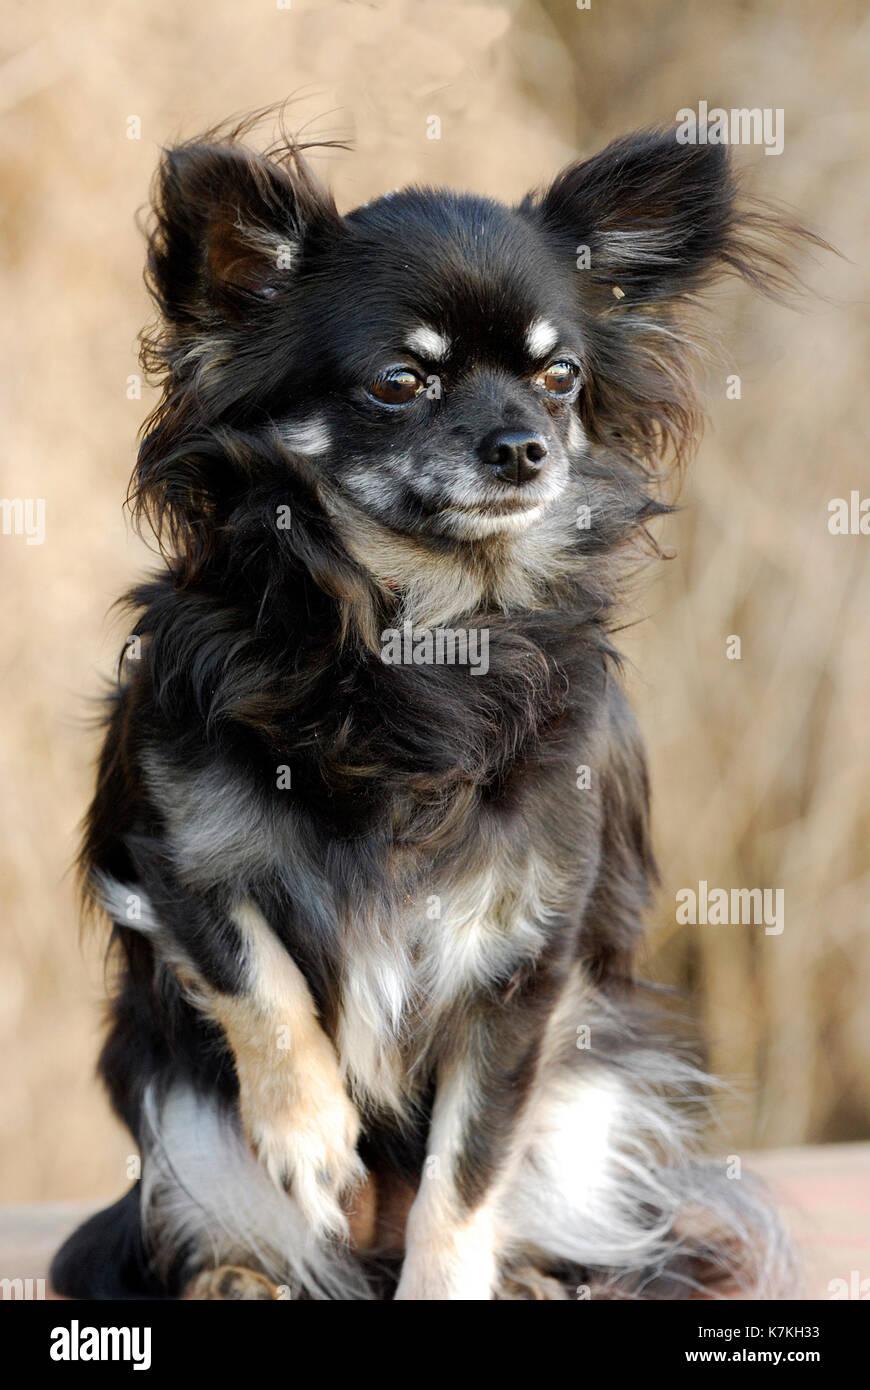 Cute Puppy Dog Eine Langhaarige Chihuahua Schwarz Braun Und Karamell Langen Mantel Stockfotografie Alamy